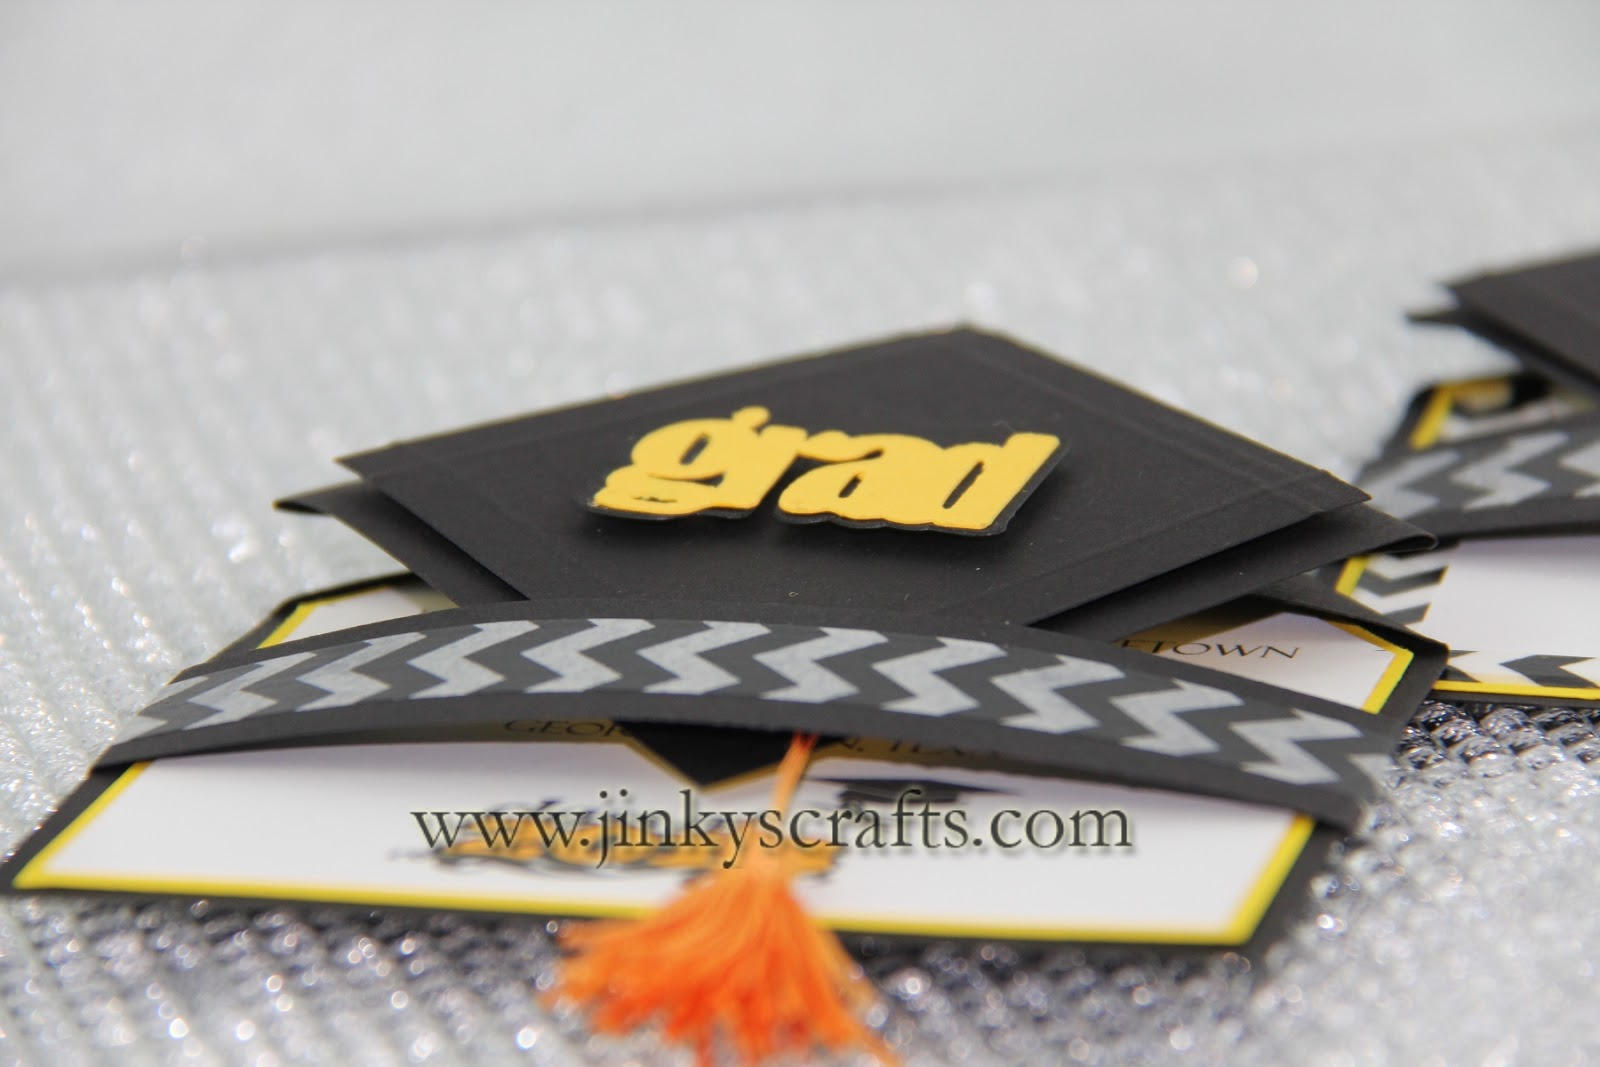 3D Graduation Cap Pop-Up Invitations - Jinkys Crafts